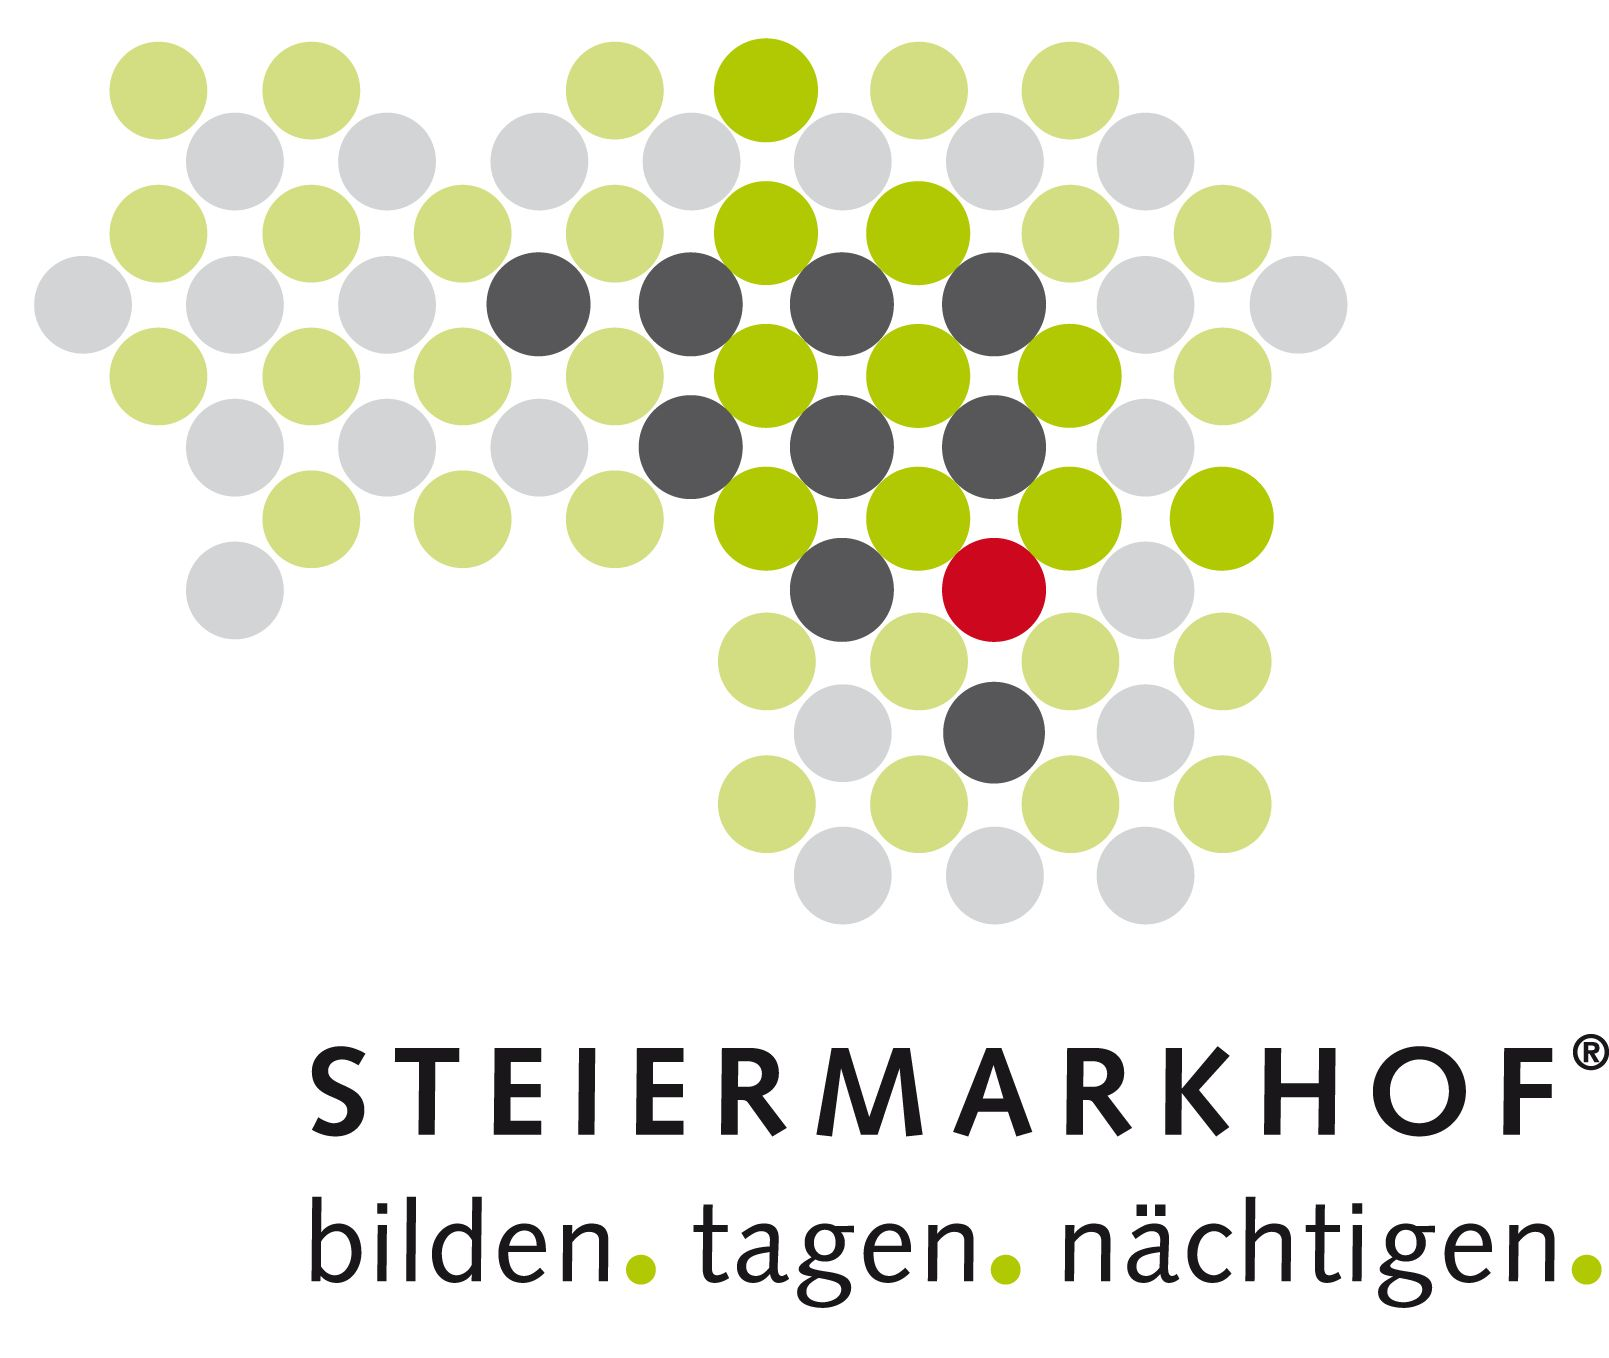 Landeskammer für Land- und Forstwirtschaft STEIERMARKHOF